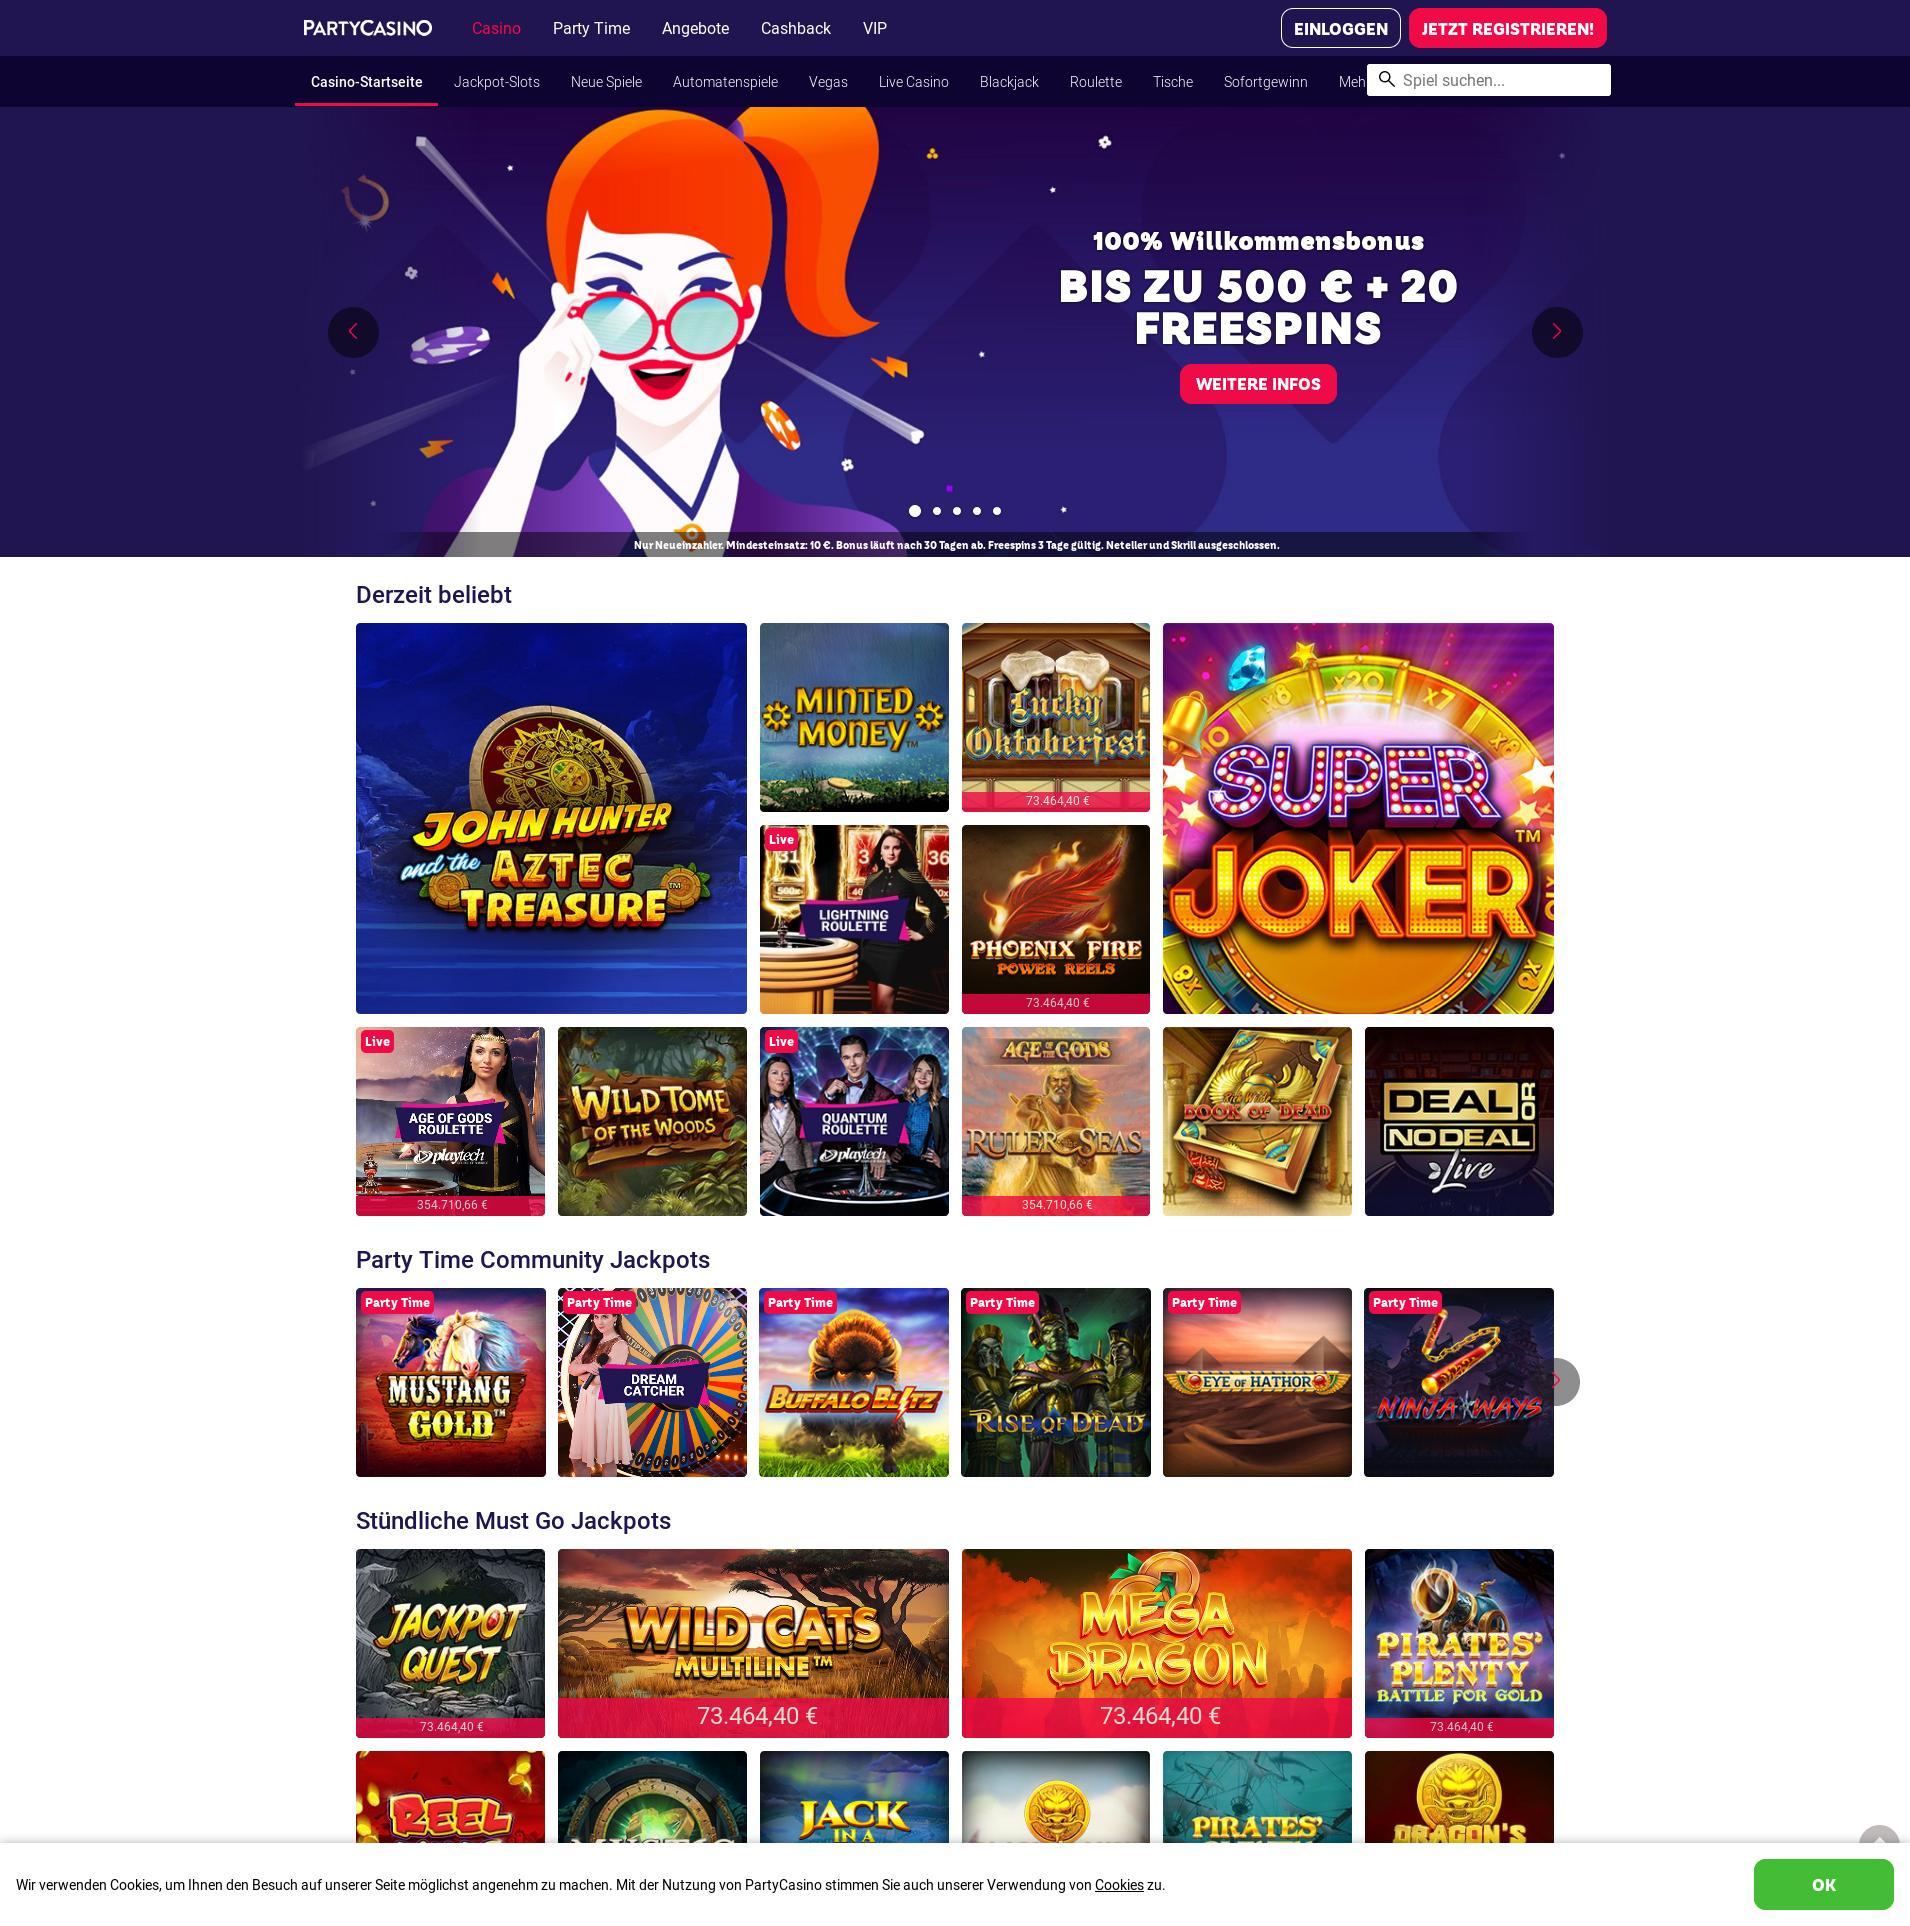 Casino Bildschirm Lobby 2019-09-19 zum Deutschland